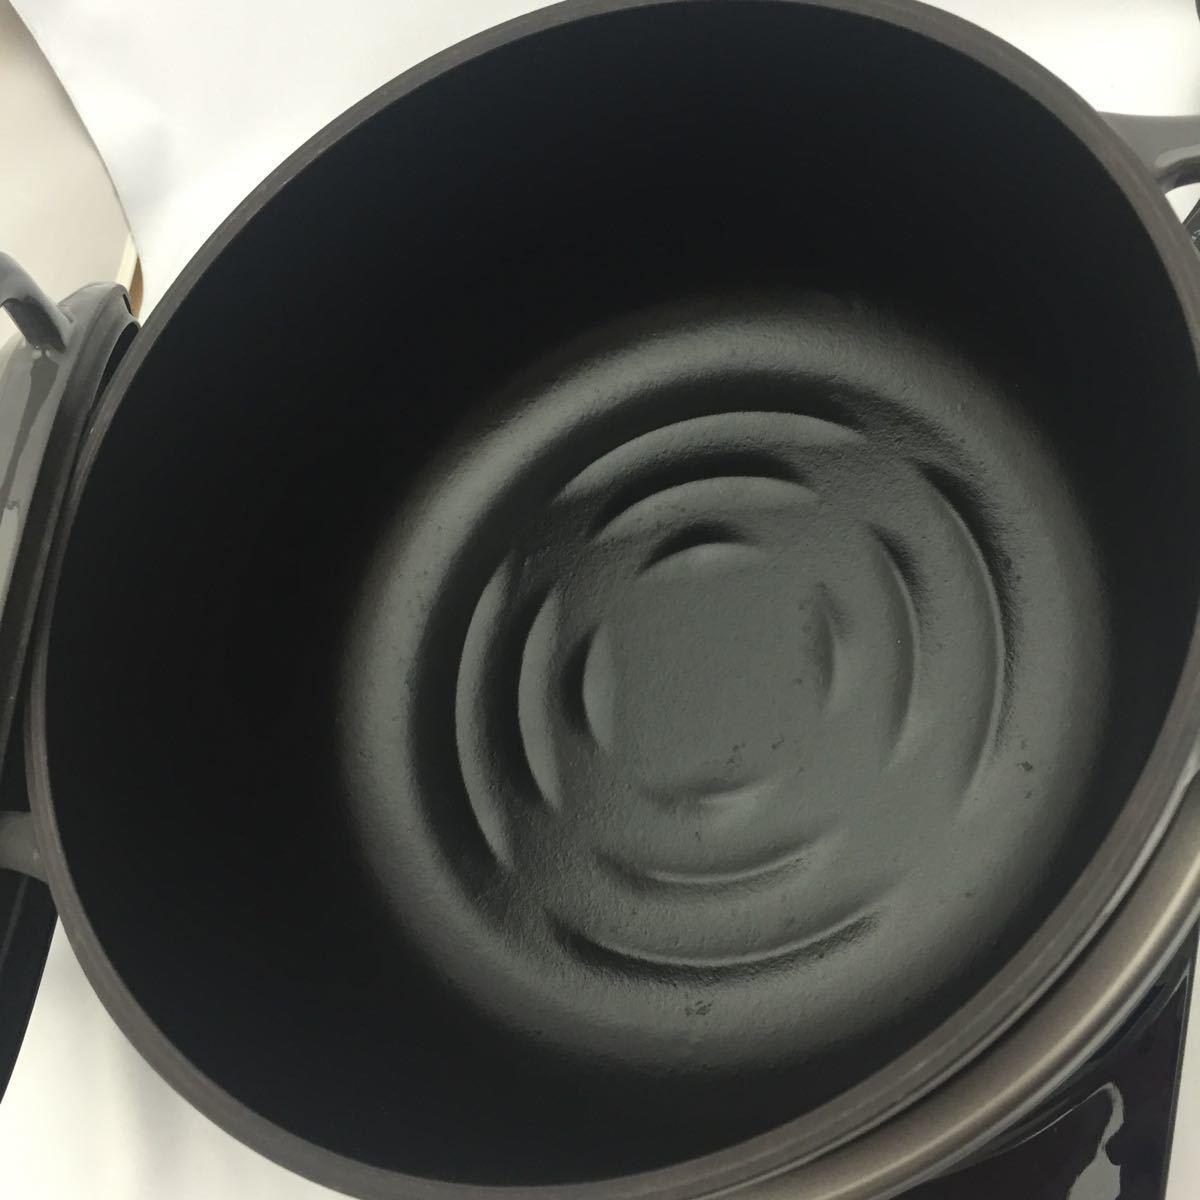 X104 バーミキュラー ライスポット 炊飯器 5号炊き RP23A-GY トリュフグレー 美品_画像2